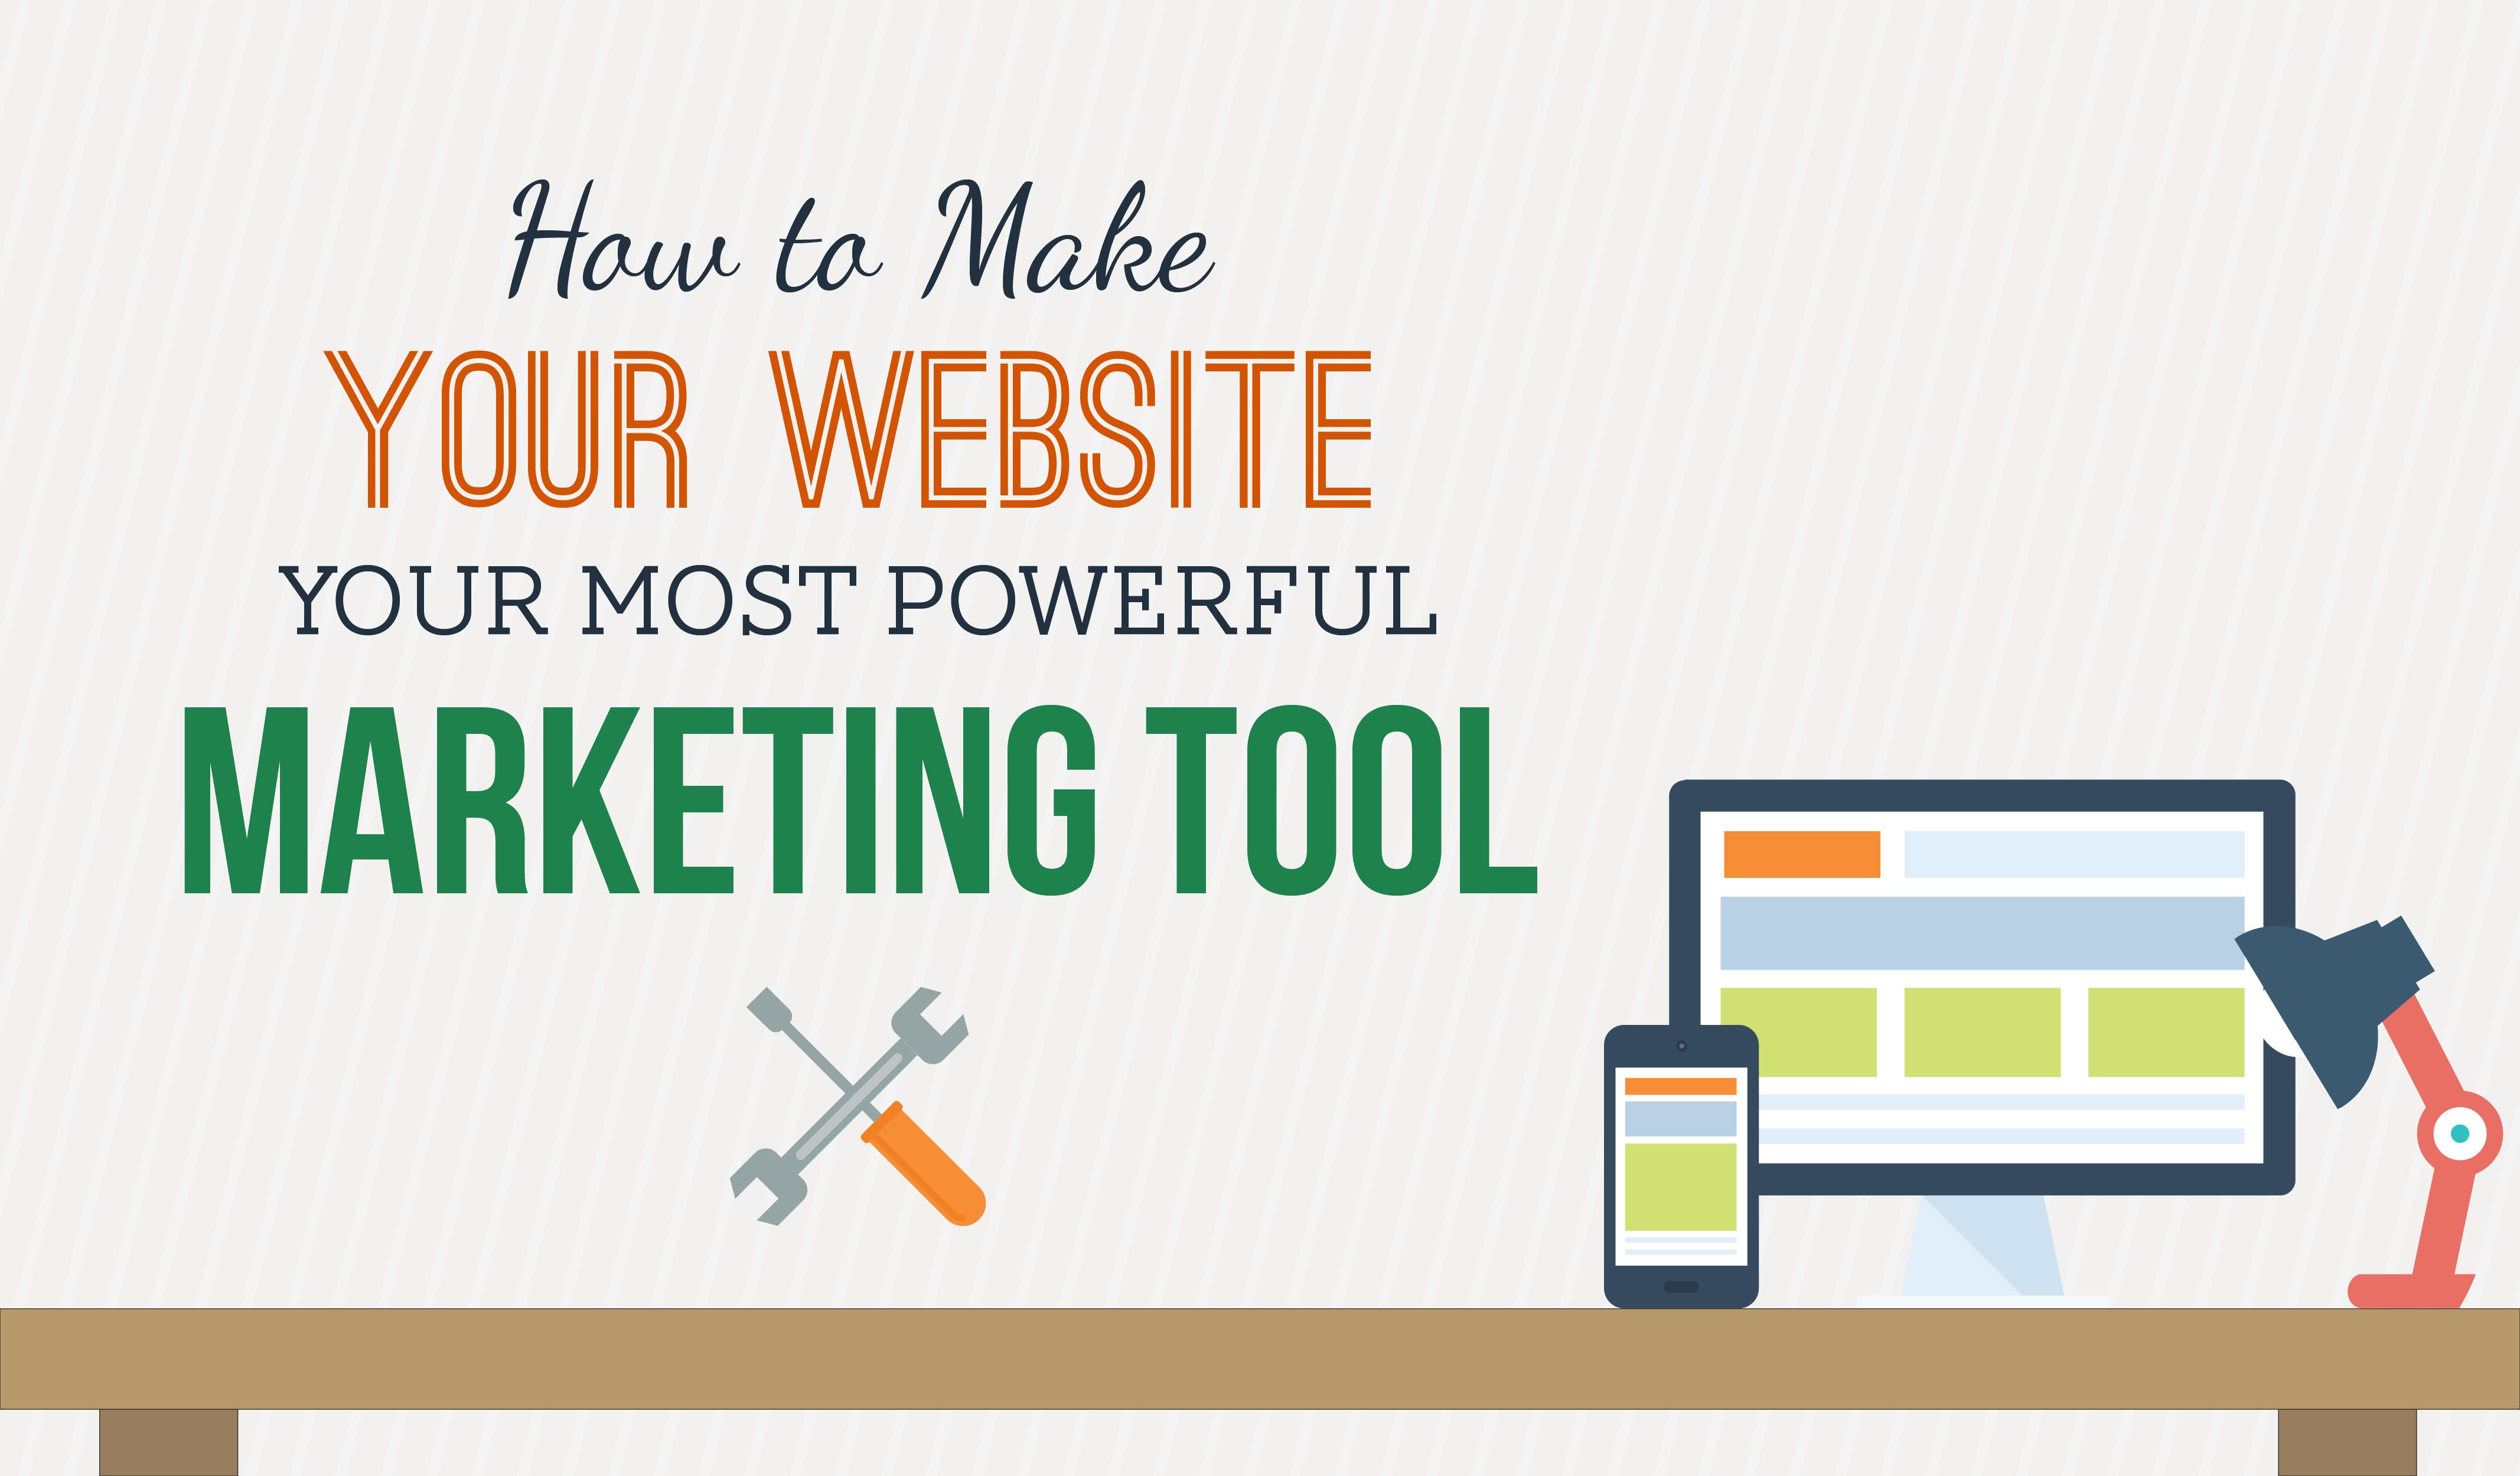 Website marketing - Lợi nhuận khổng lồ chưa được khai thác